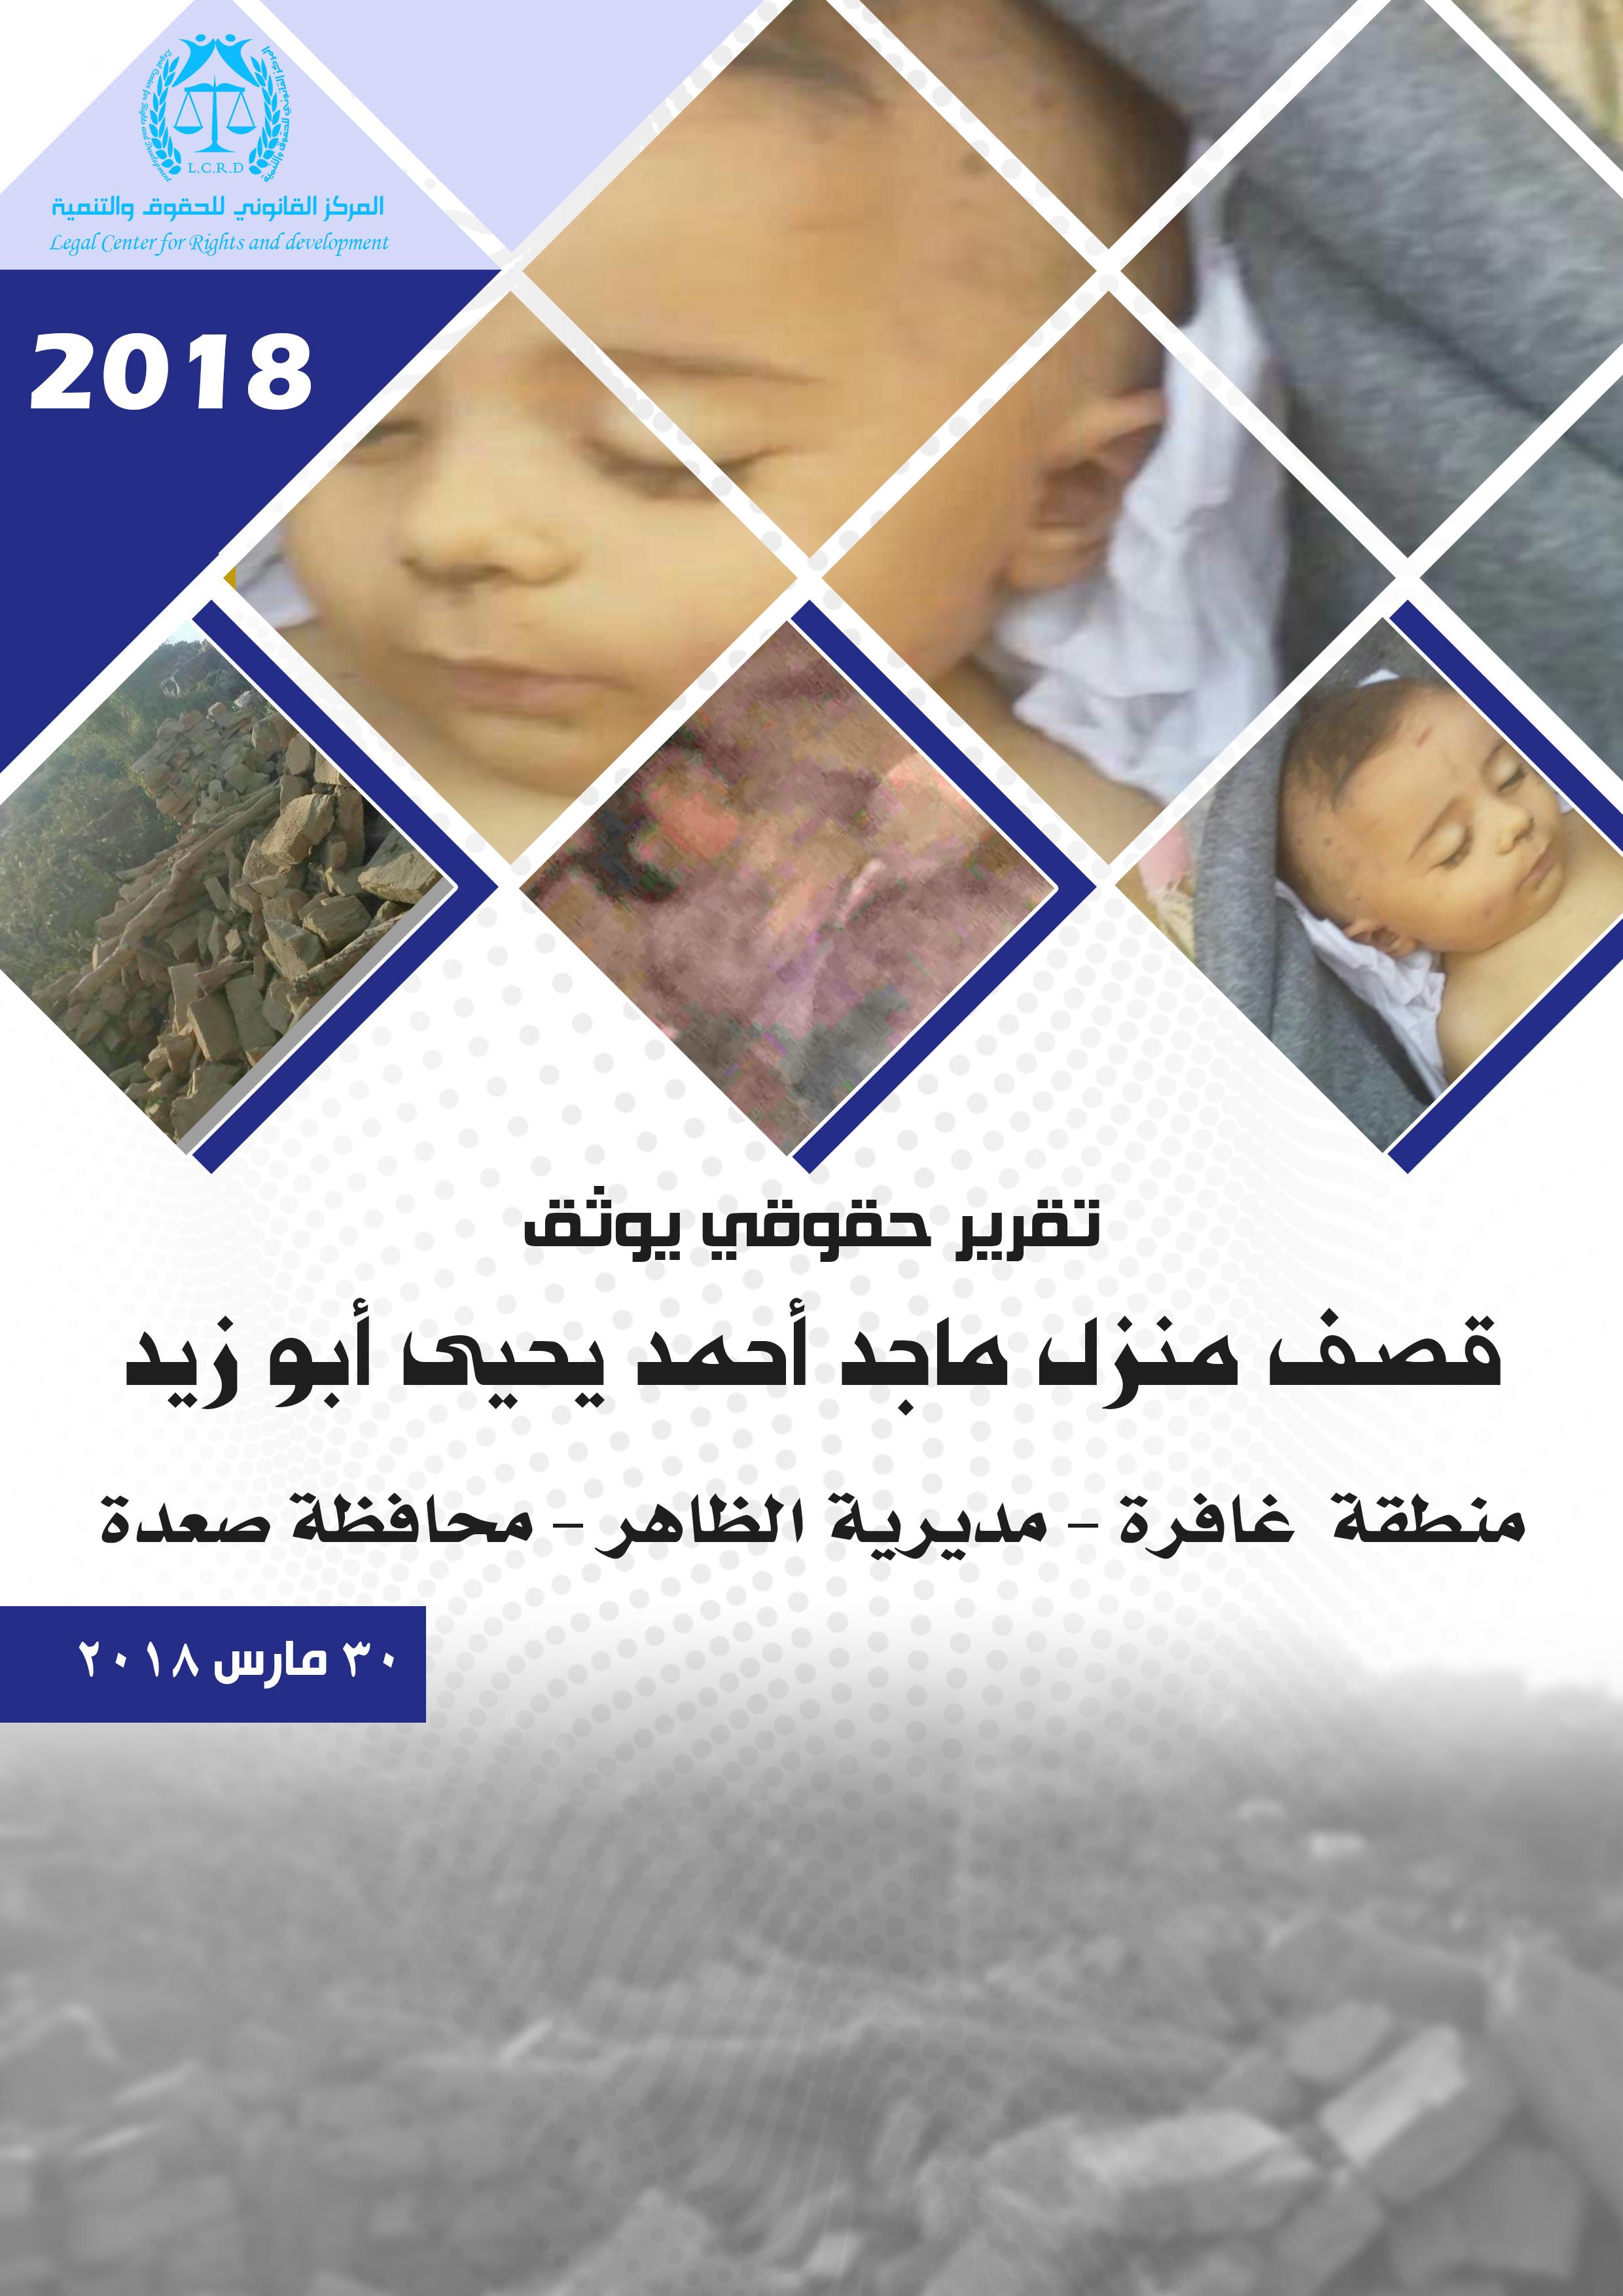 غلاف منزل ماجد أبو زيد – غافرة صعدة 30-3